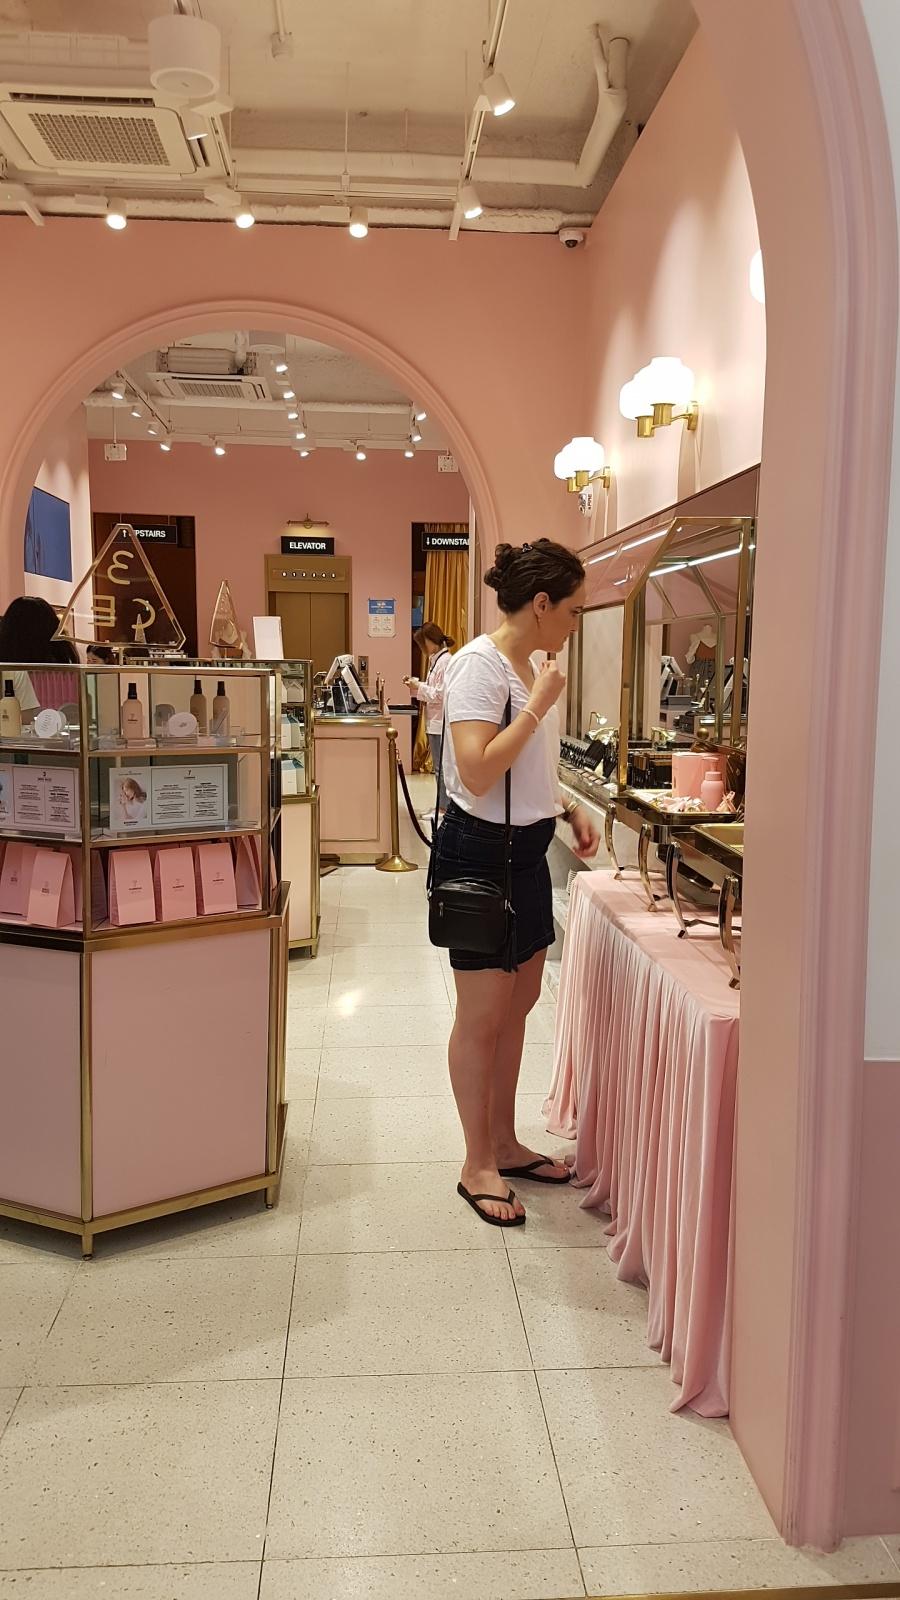 stylenanda pink hotel pink pool cafe myeongdong seoul korea best